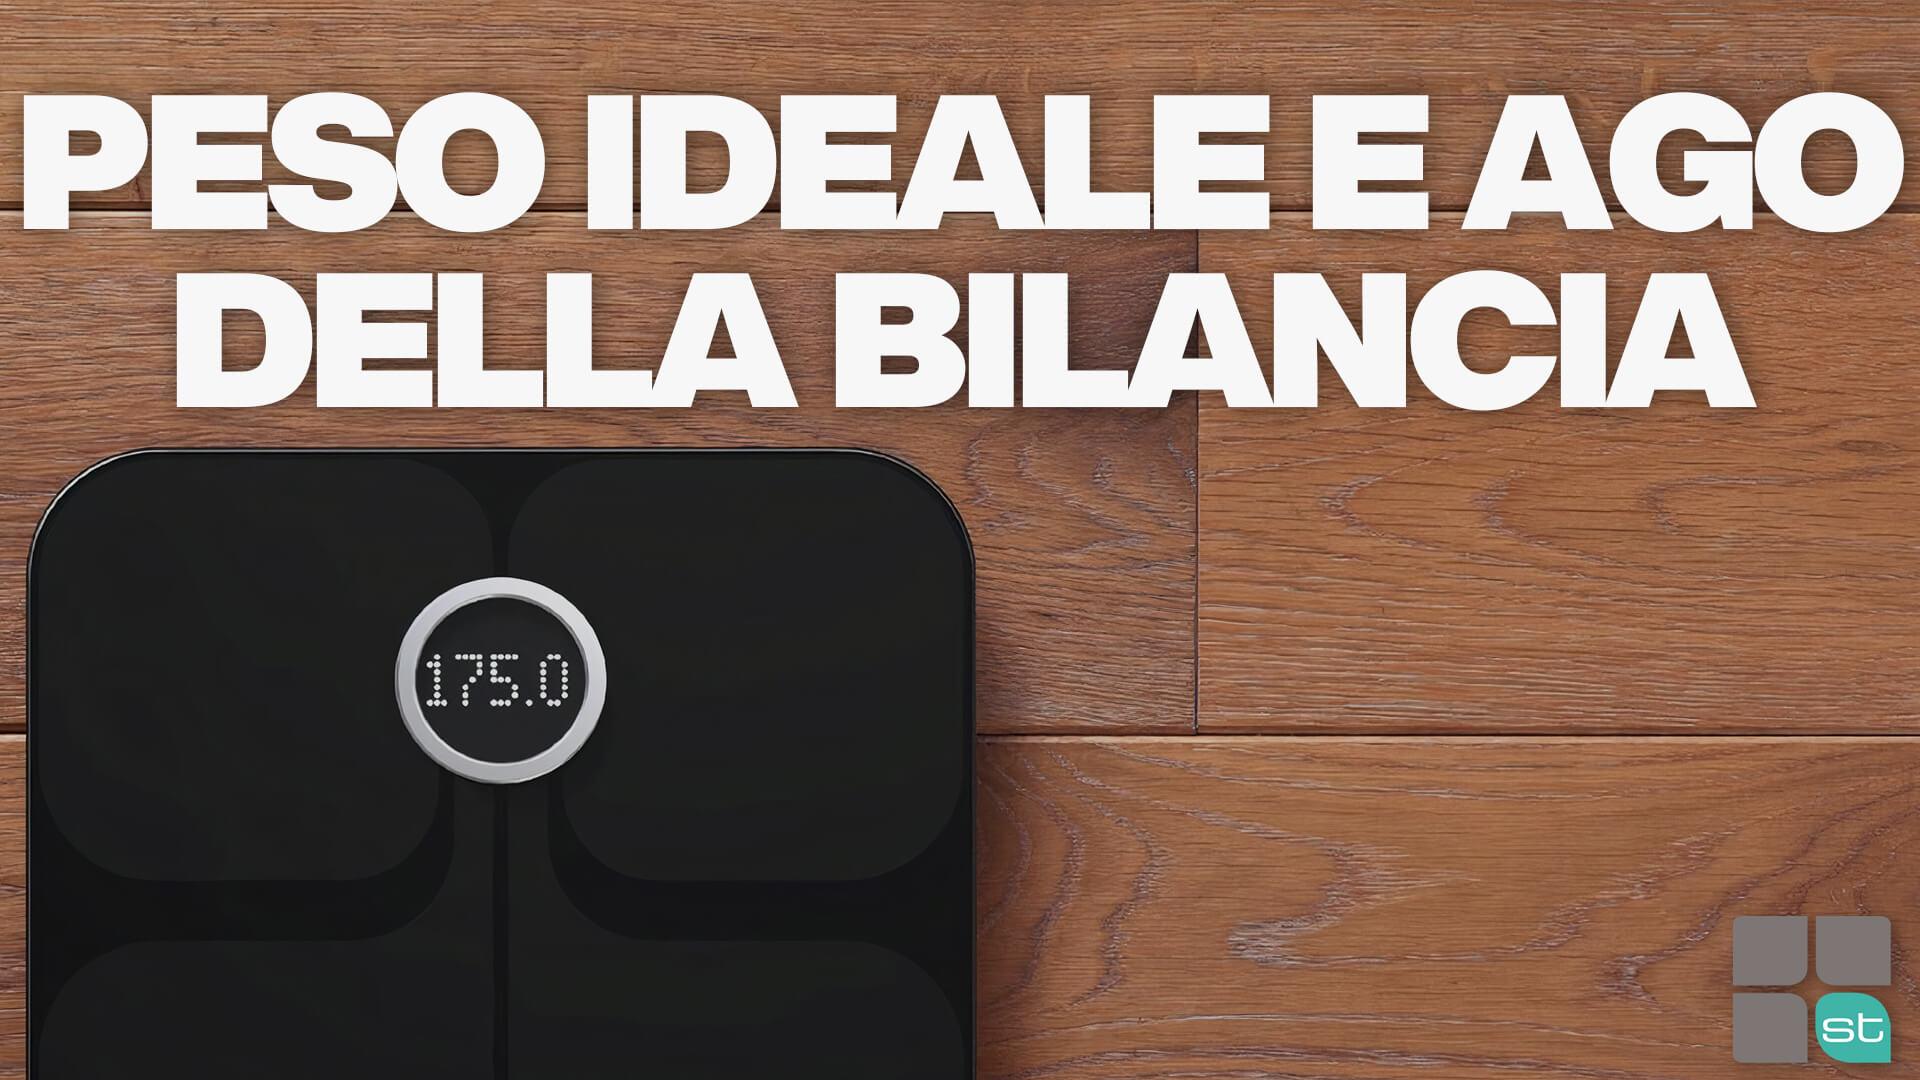 peso-ideale-ago-bilancia